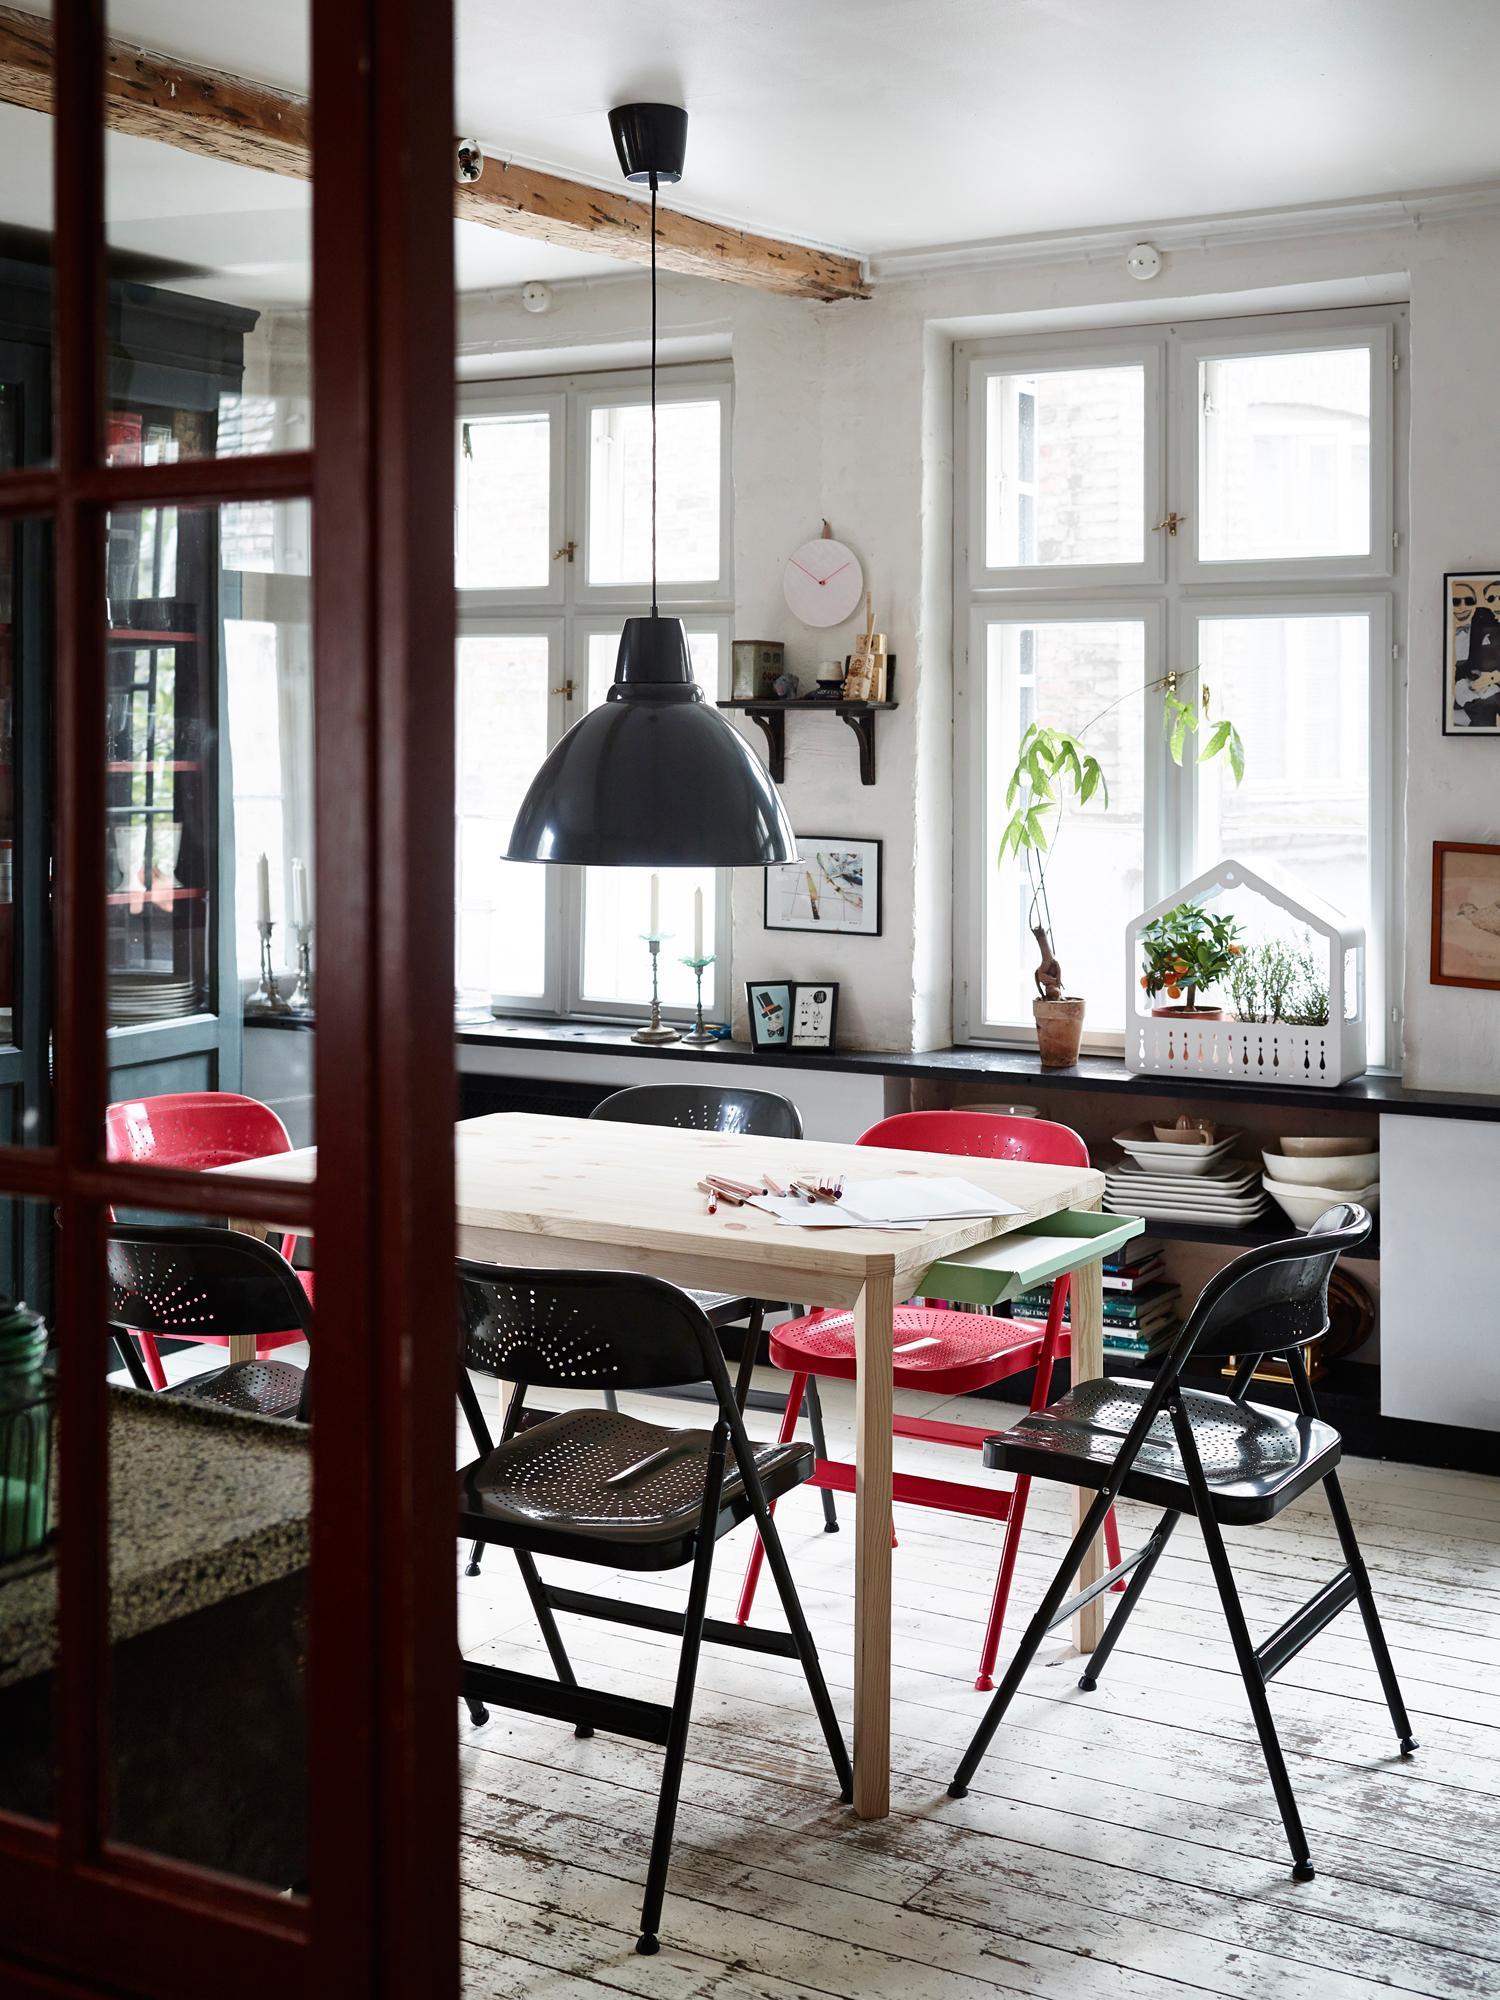 Schön Klappstühle Fürs Esszimmer #ikea #klappstuhl #esszimmerstuhl ©Inter IKEA  Systems B.V.